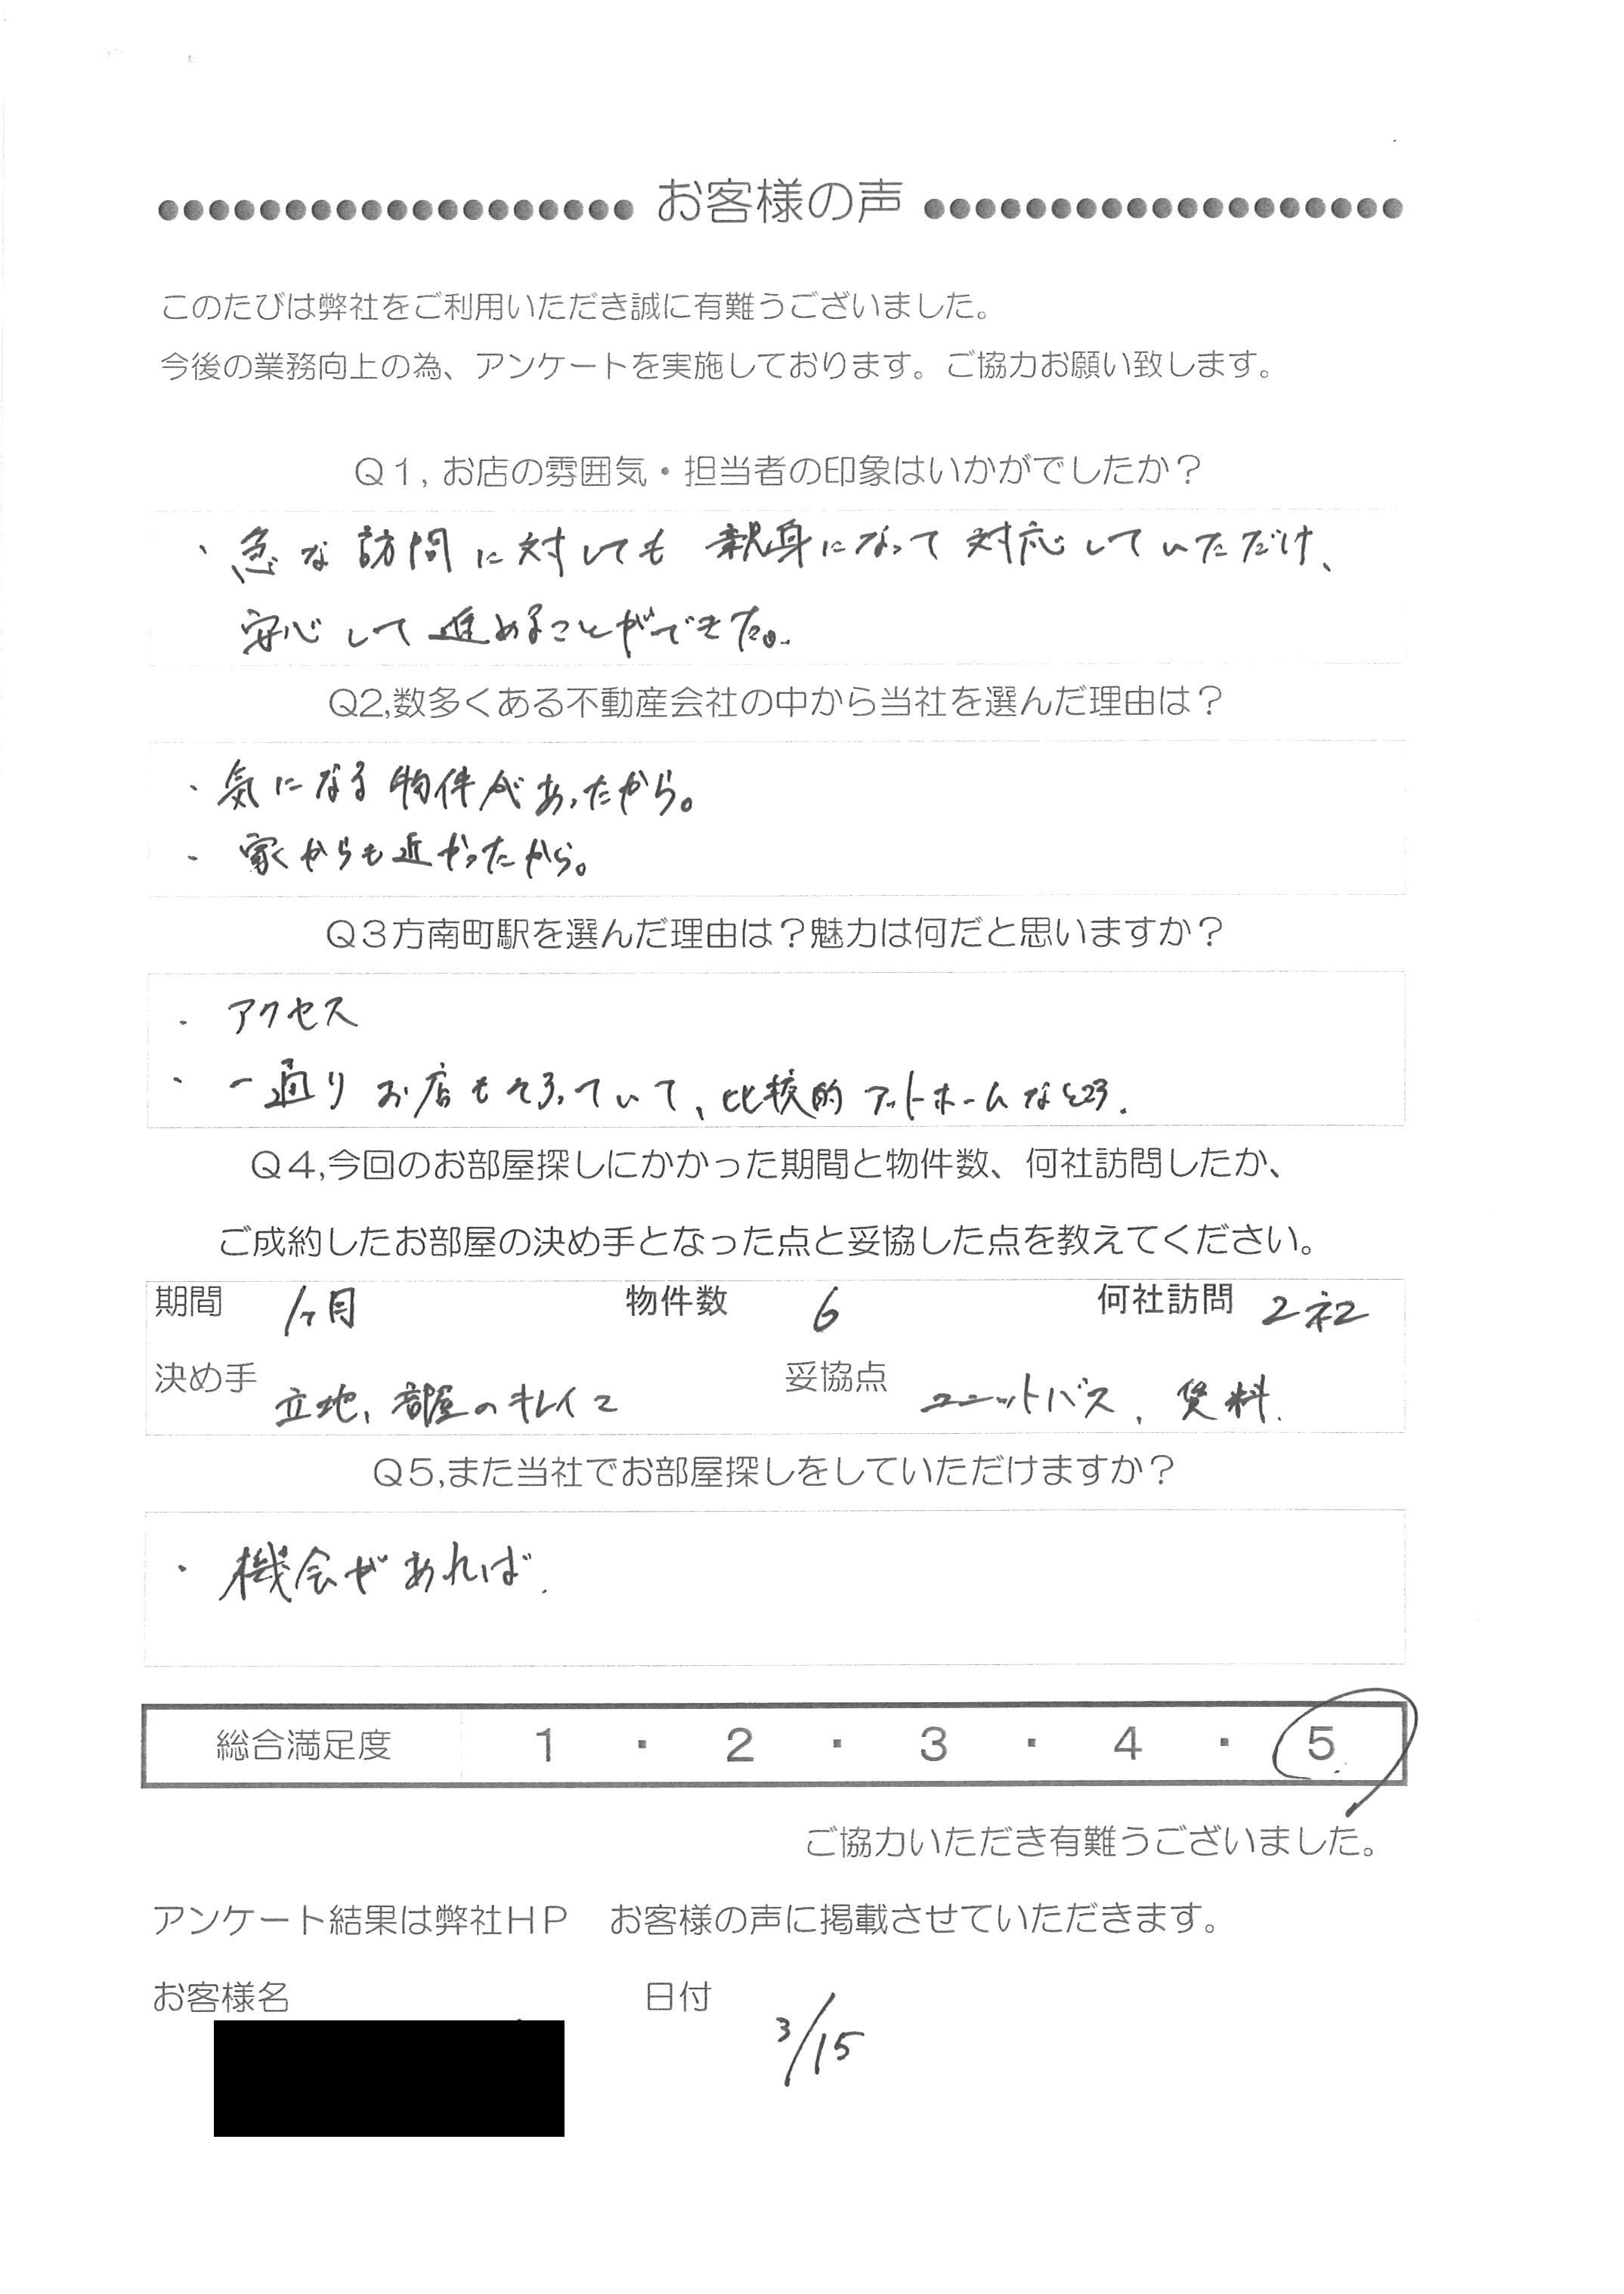 W・Y 様 (25歳)女性(会社員)アンケート回答